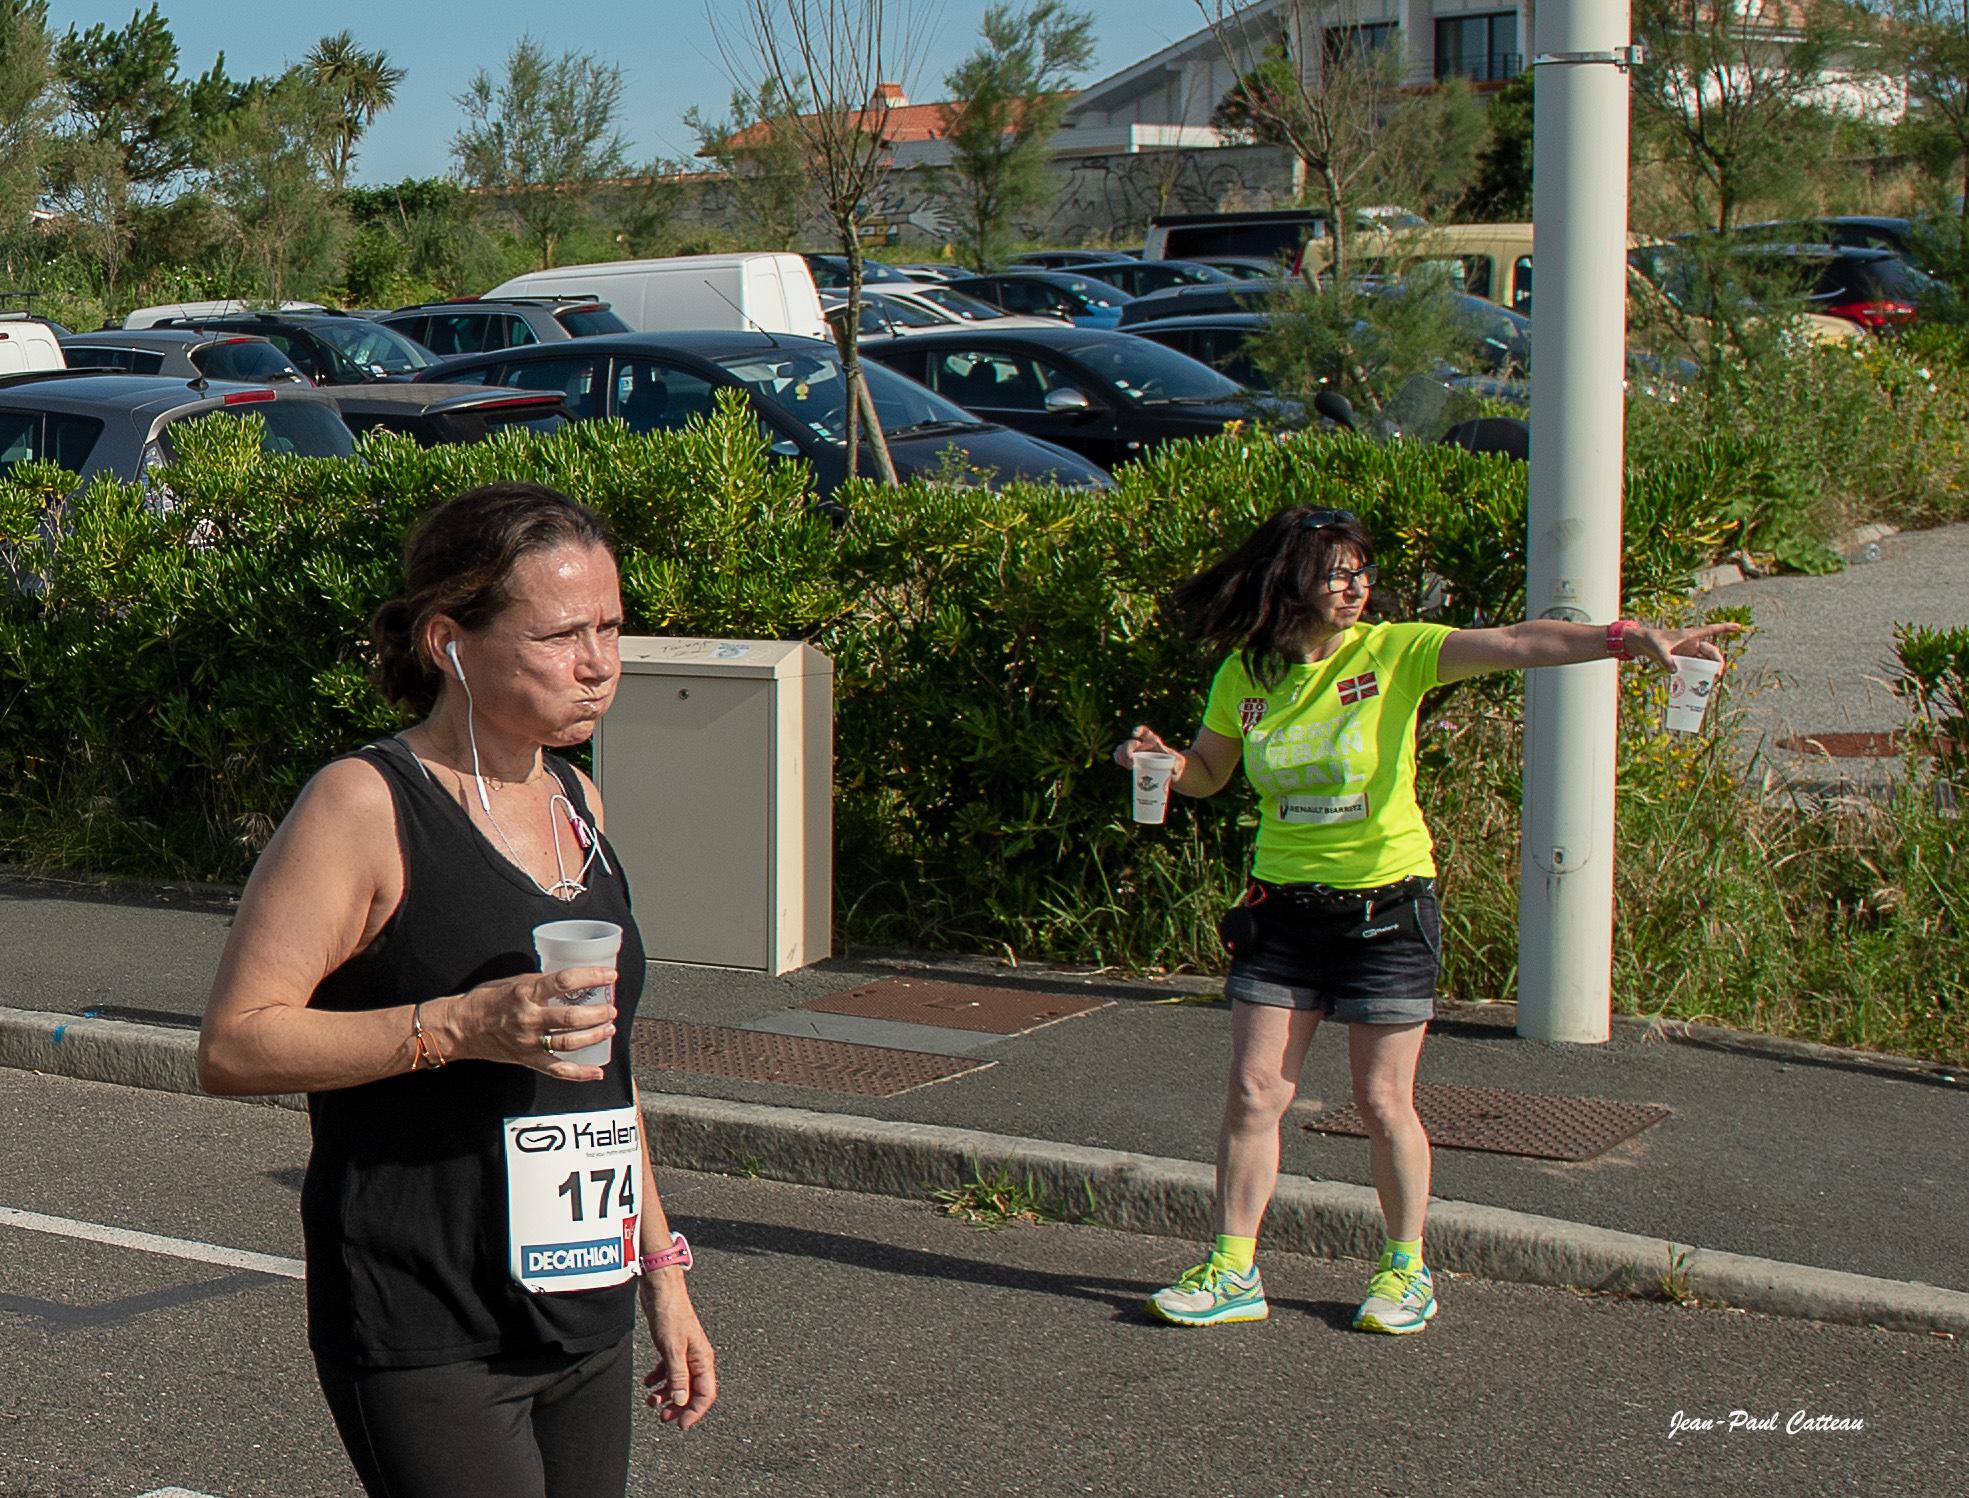 Marathon_de_Biarritz_-_Cité_Océan_-_24_juin_2018_13